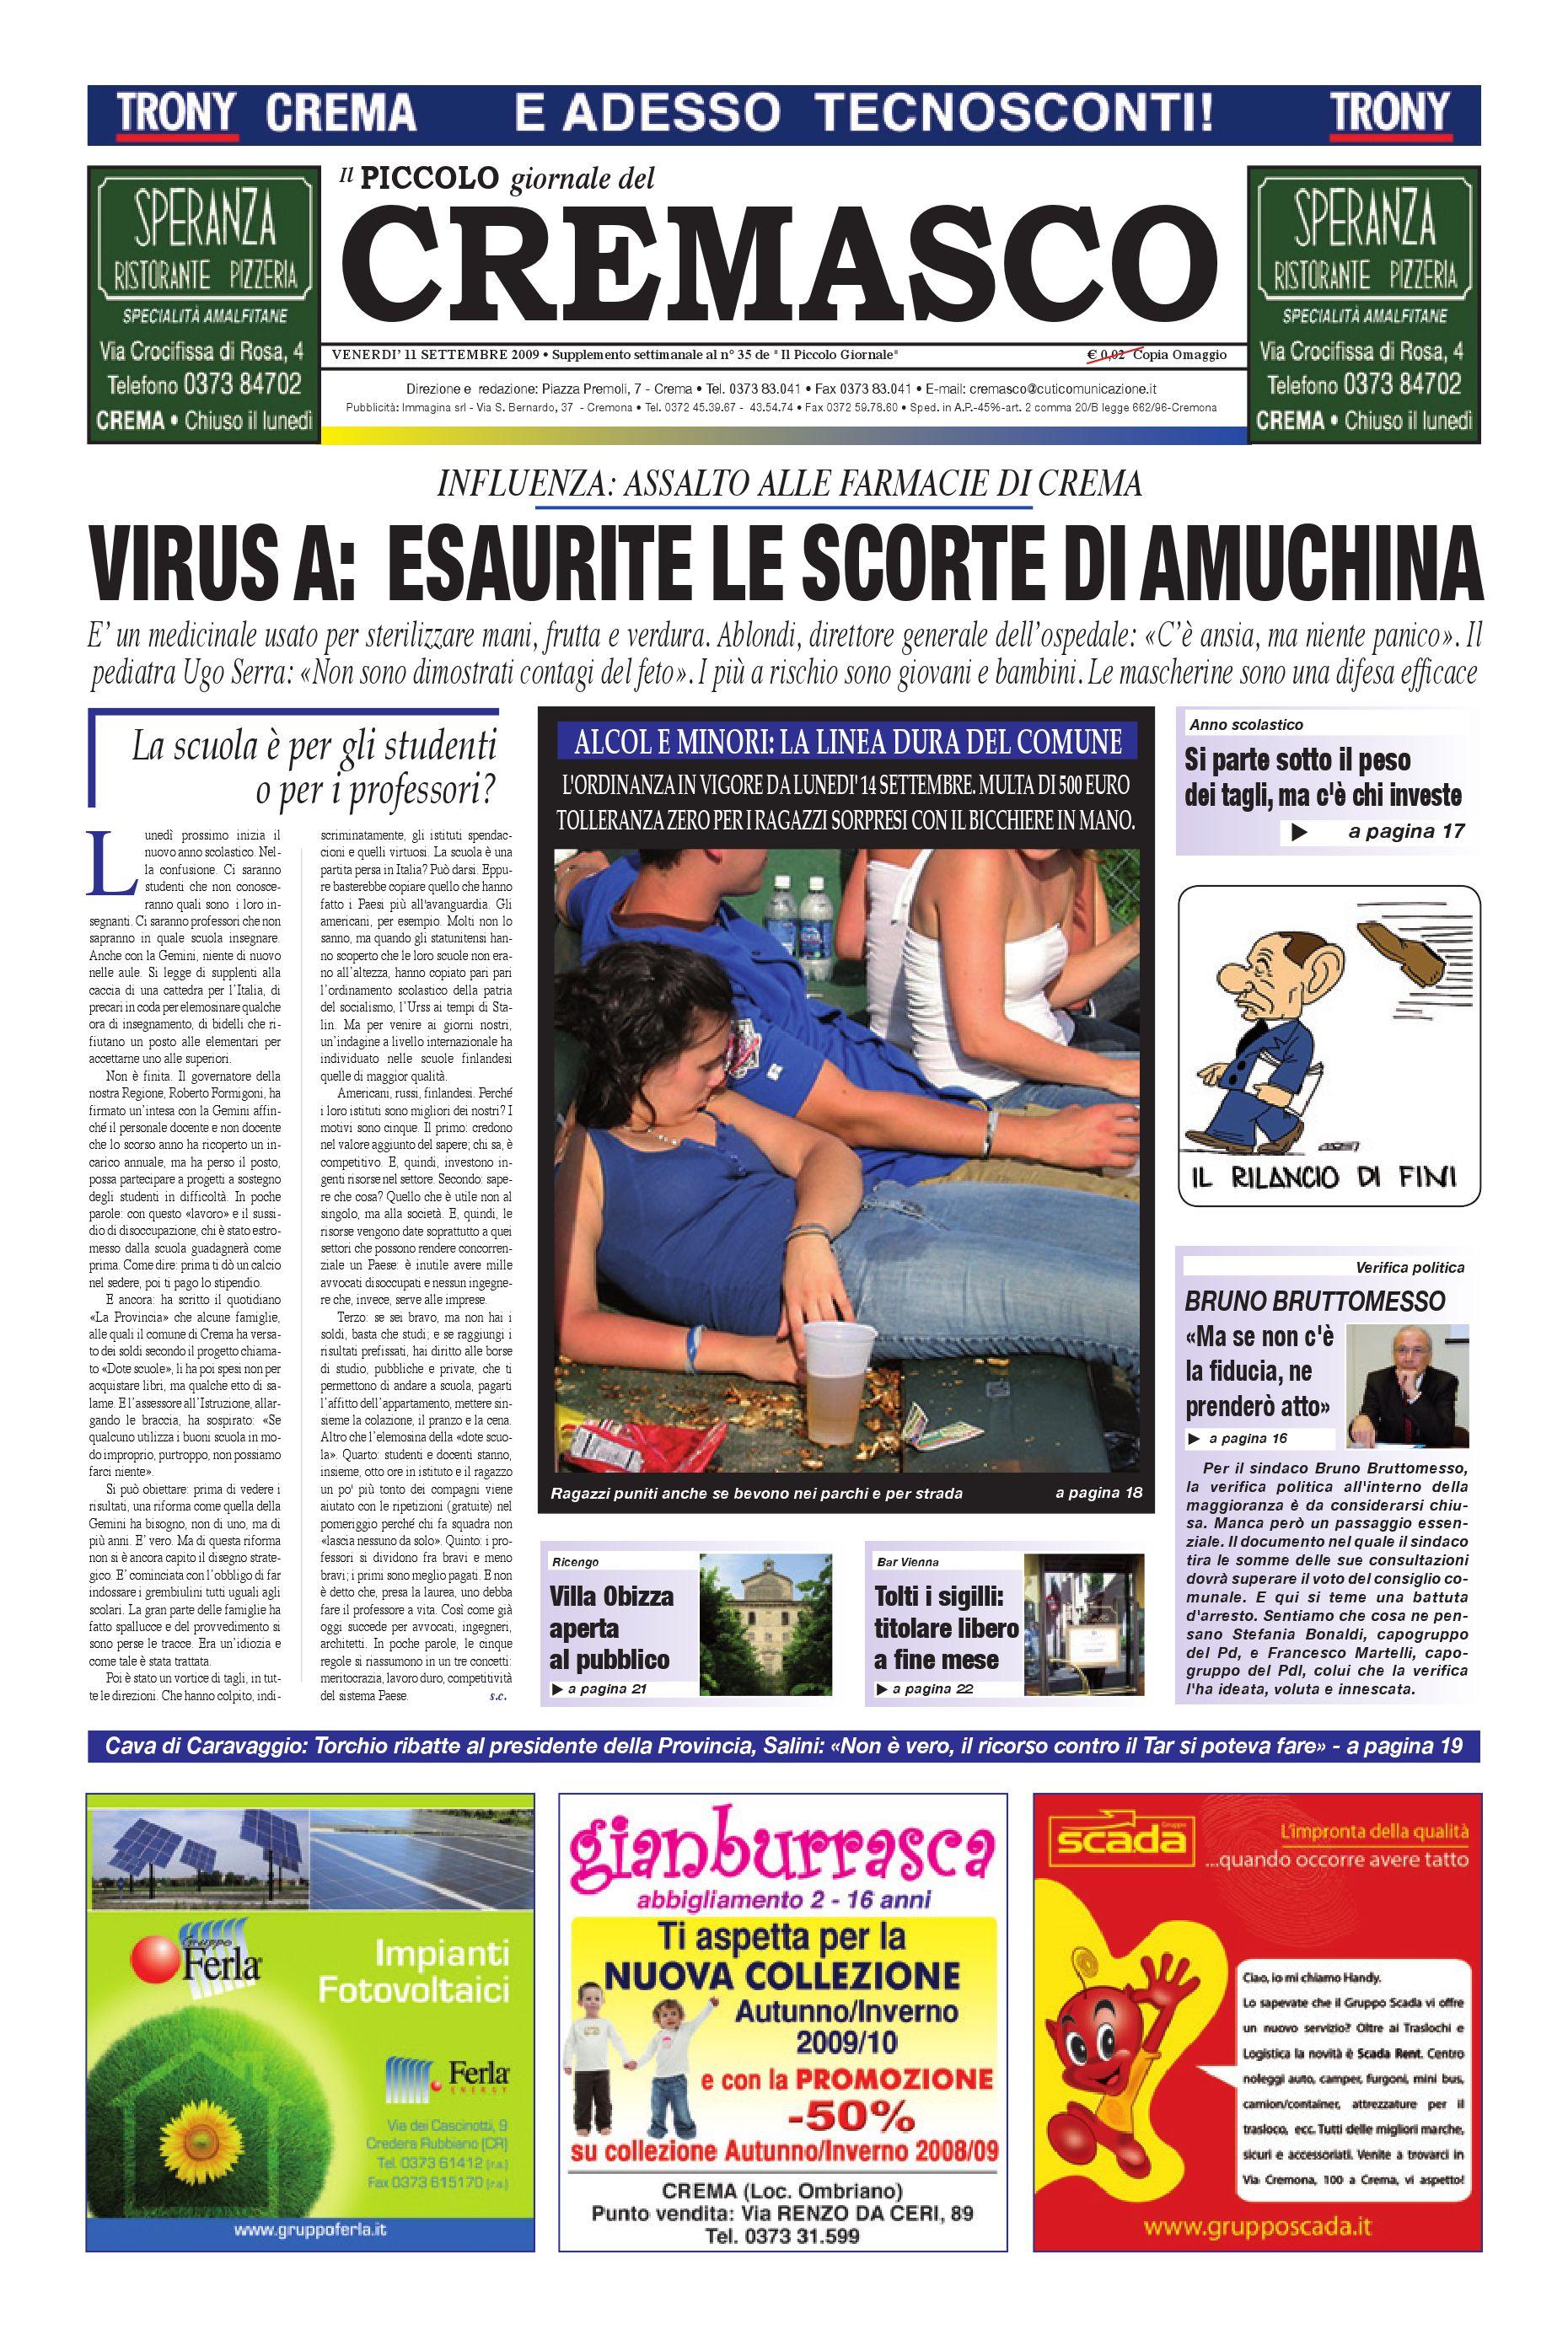 Il Piccolo del Cremasco by promedia promedia - issuu d1de86ae9bbe